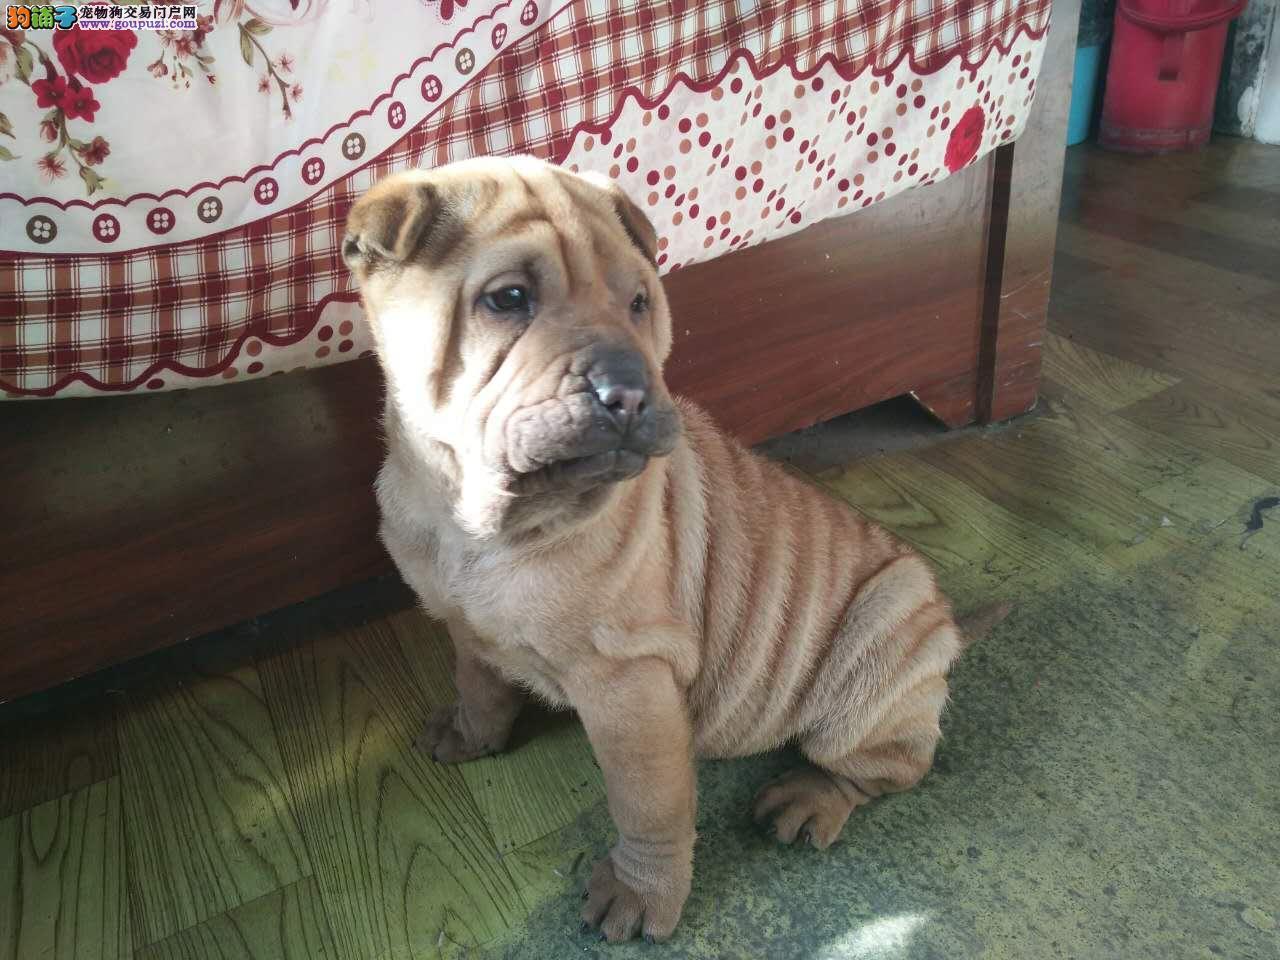 沙皮犬两个月大,转让爱犬人士